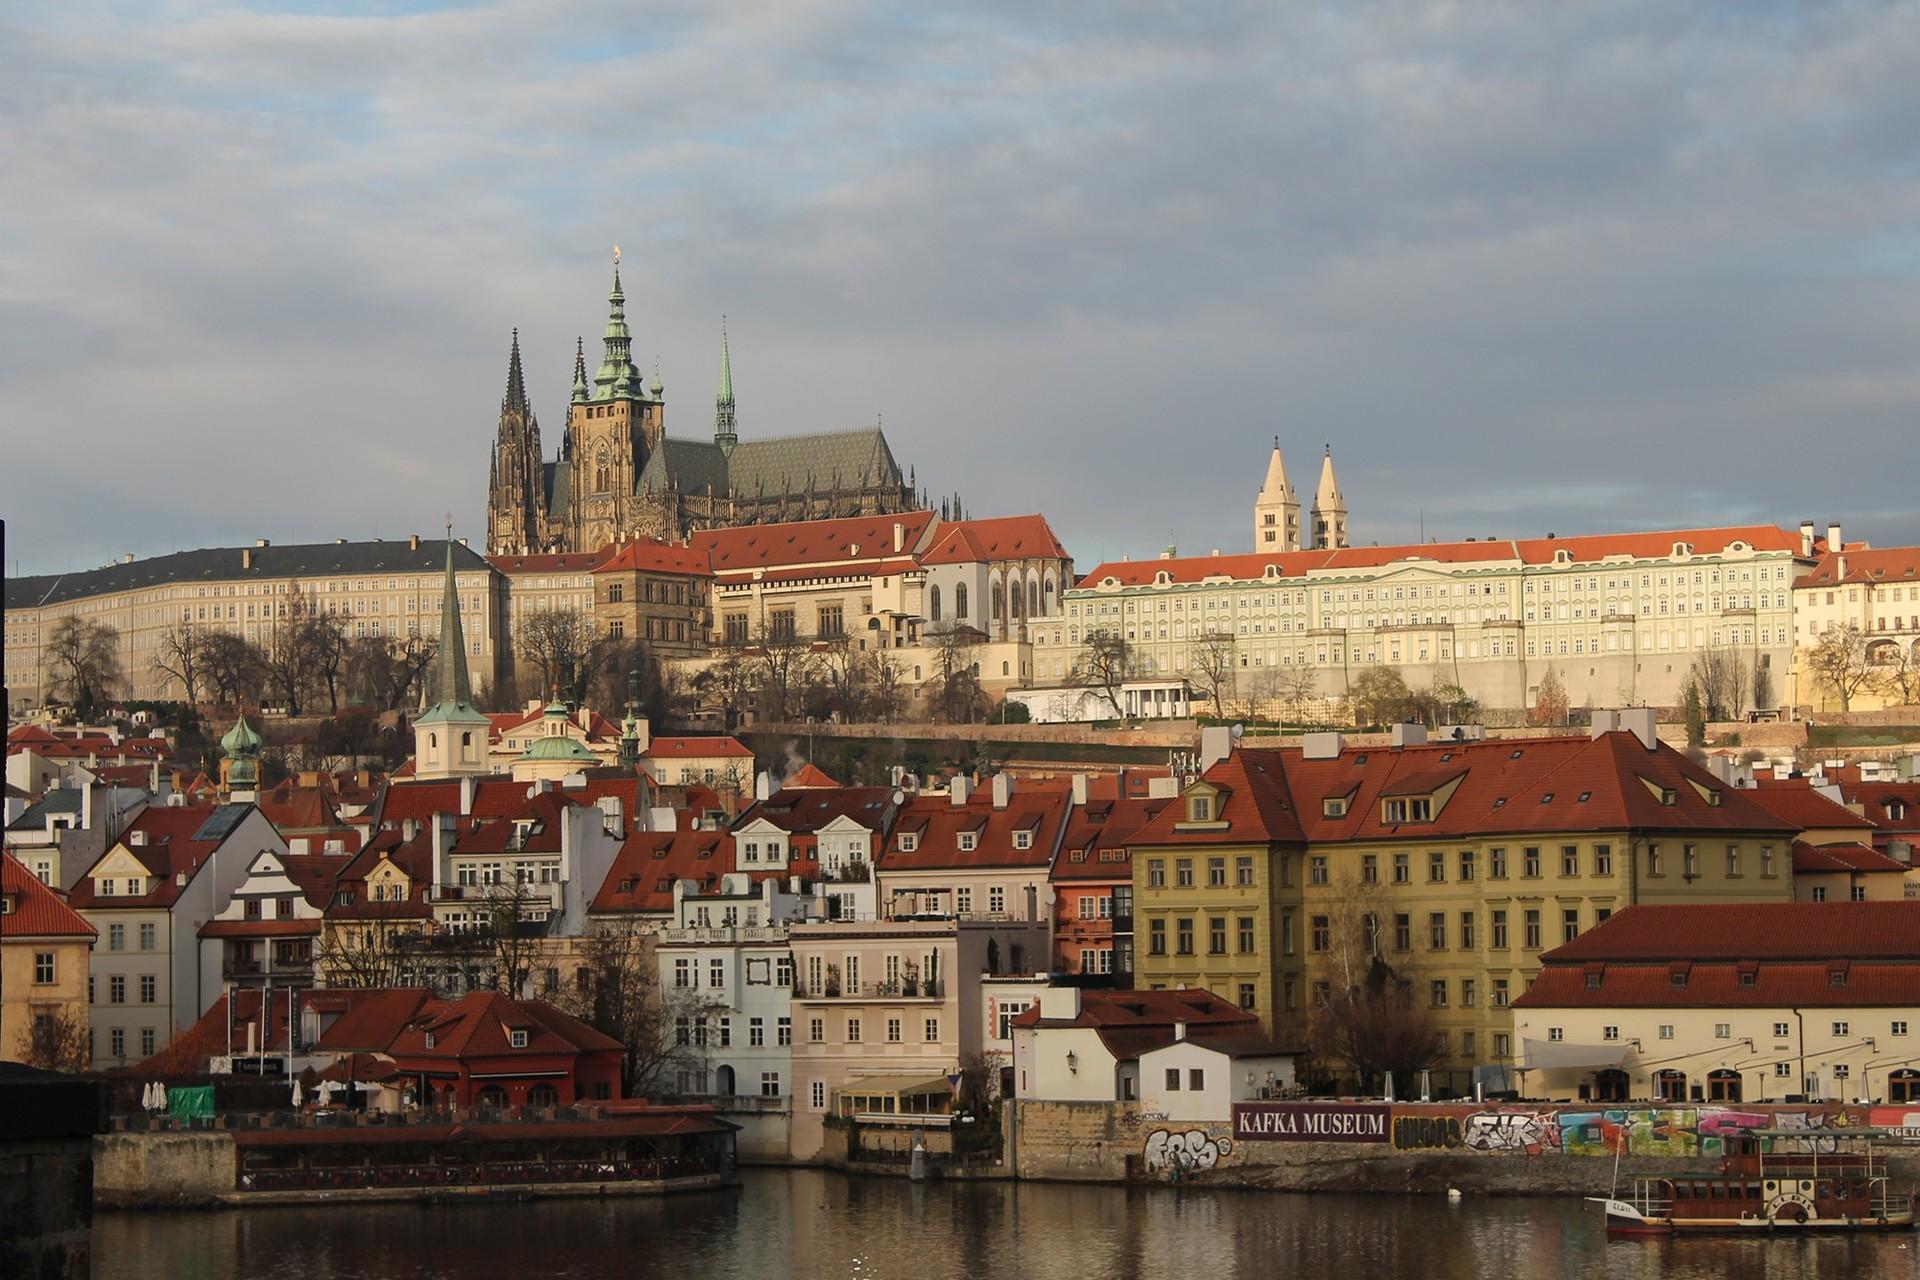 Doświadczenia z Uniwersytety Karola w Pradze, Czechy oczami Jana